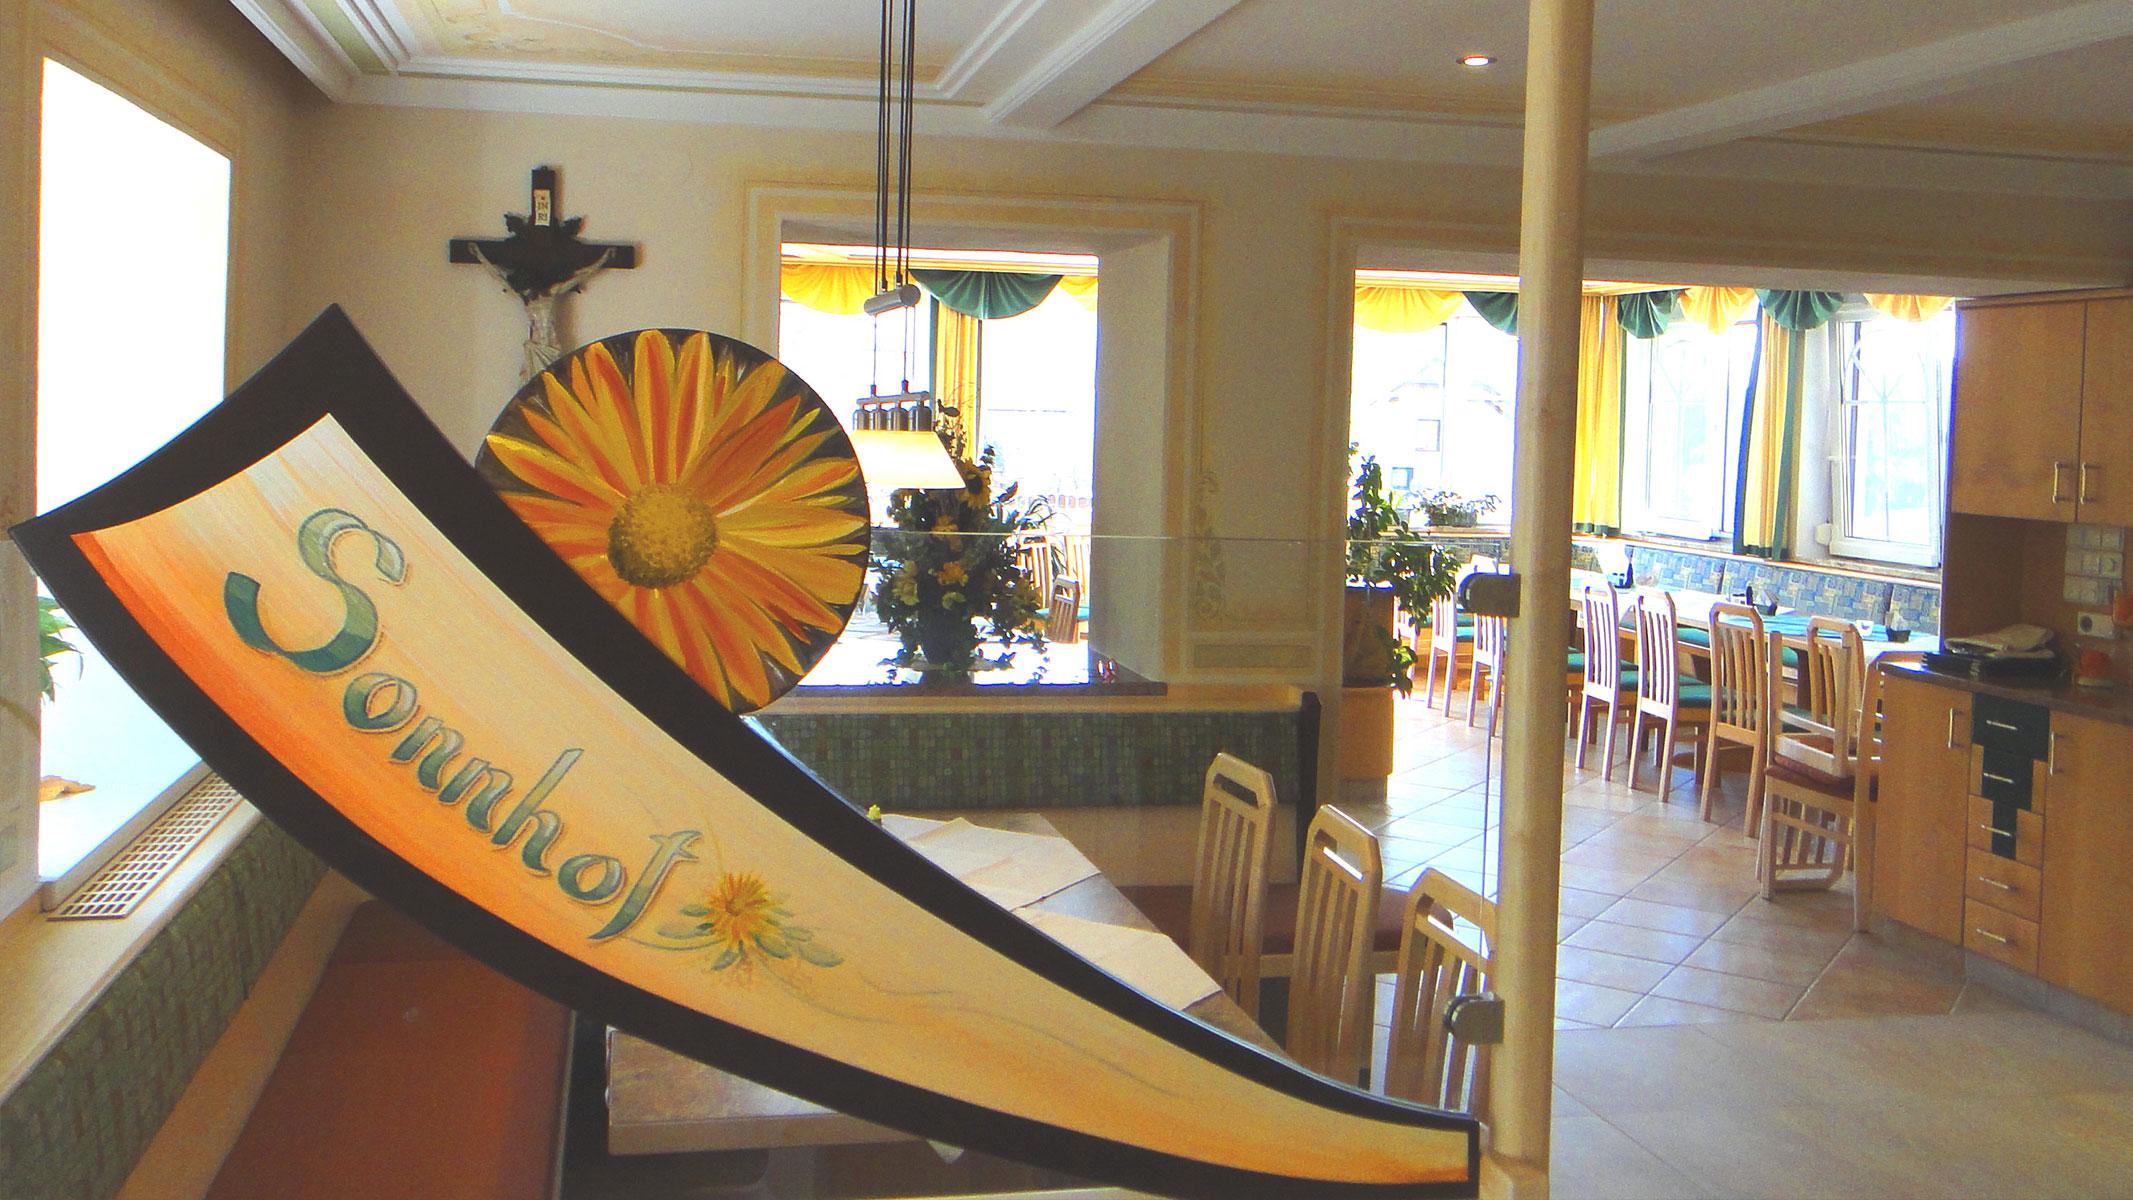 Speisesaal im Gasthof Sonnenhof